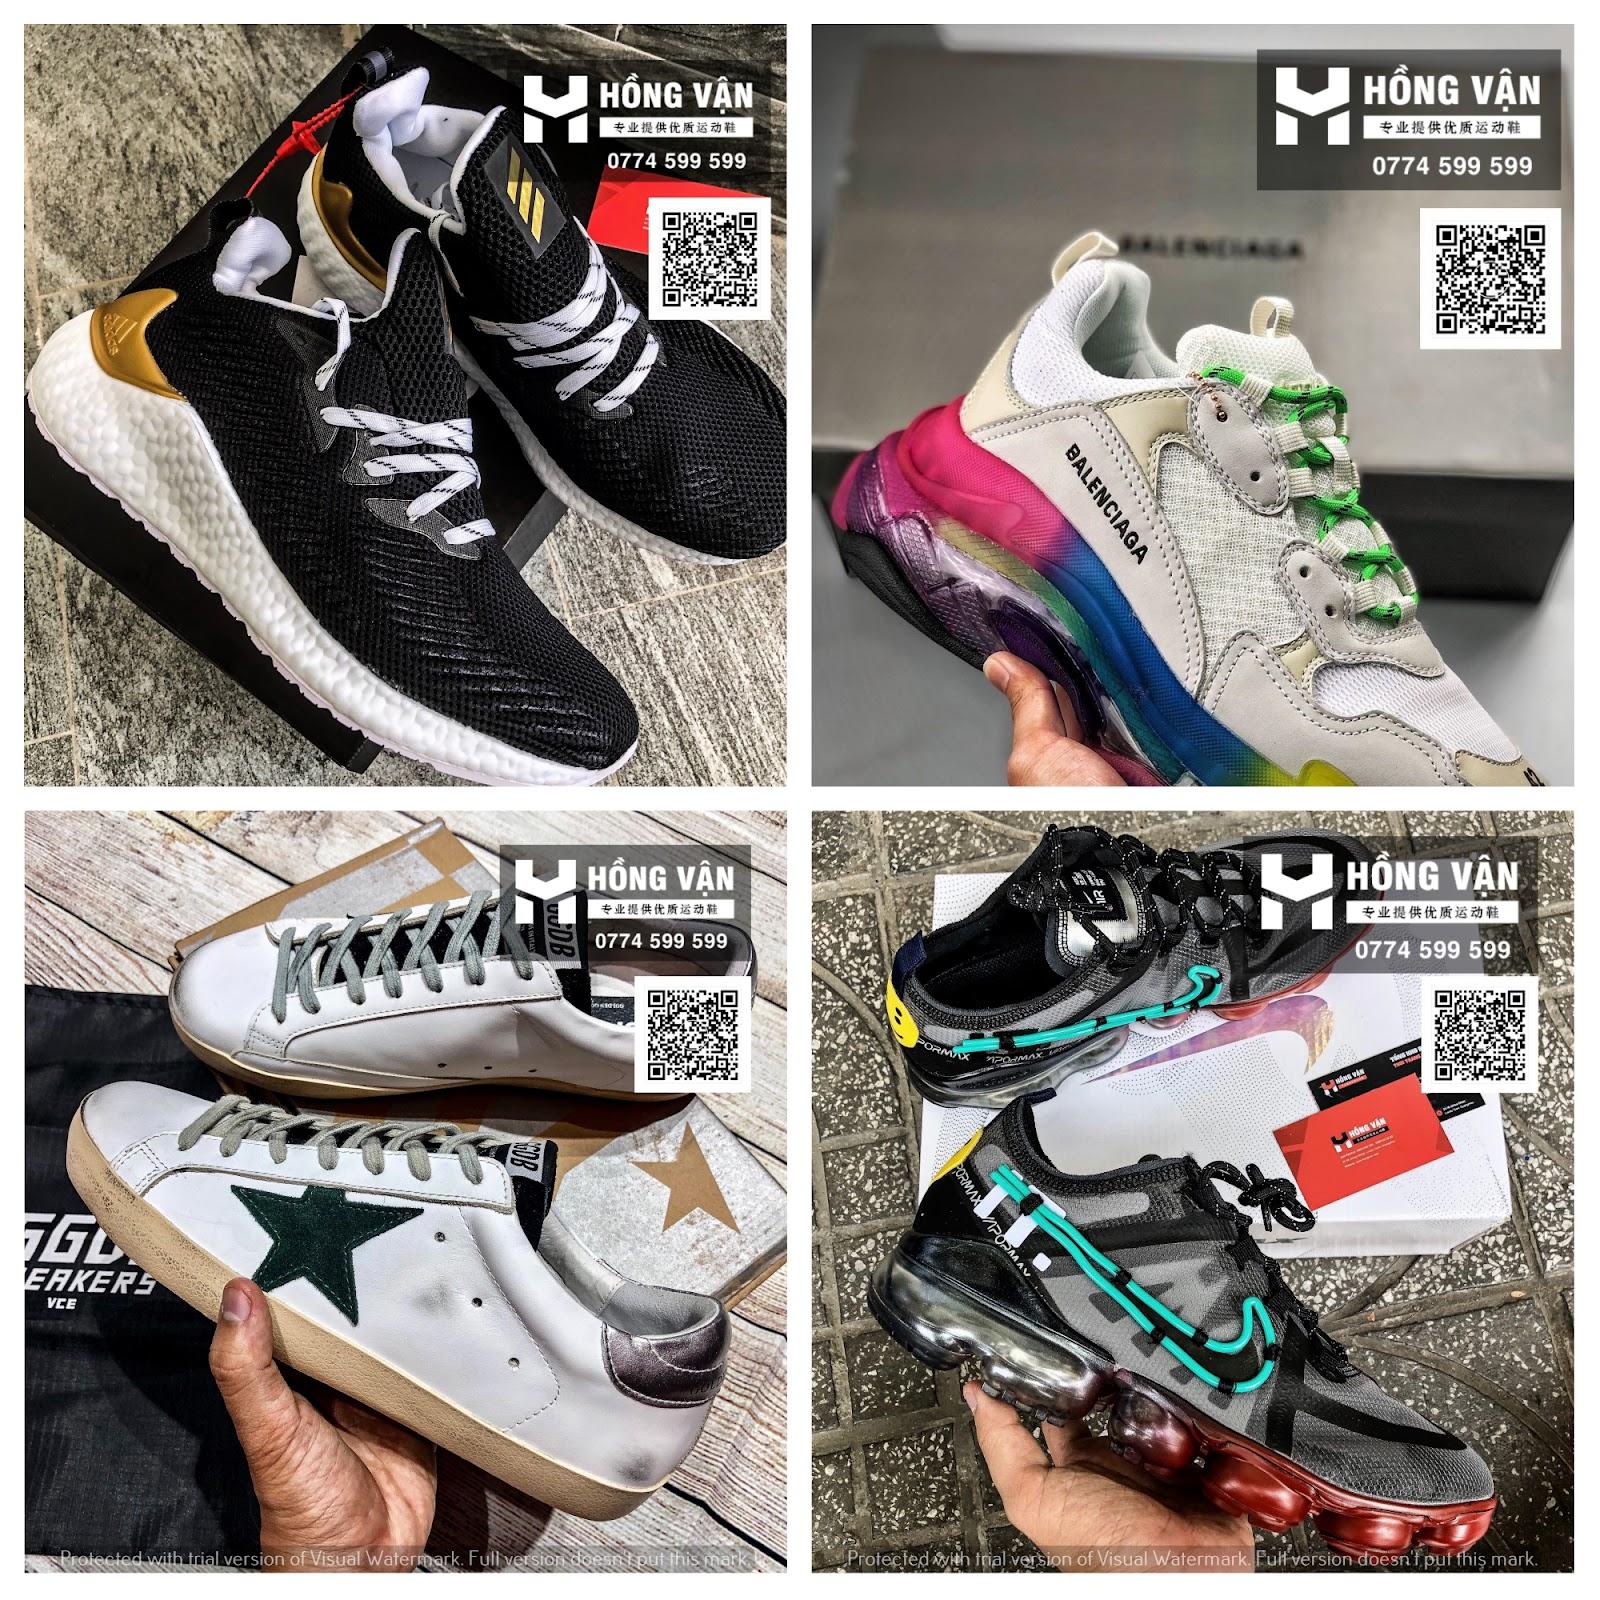 Hồng Vận - Tổng buôn sỉ giày thể thao chất lượng , uy tín ( hình thật - 8